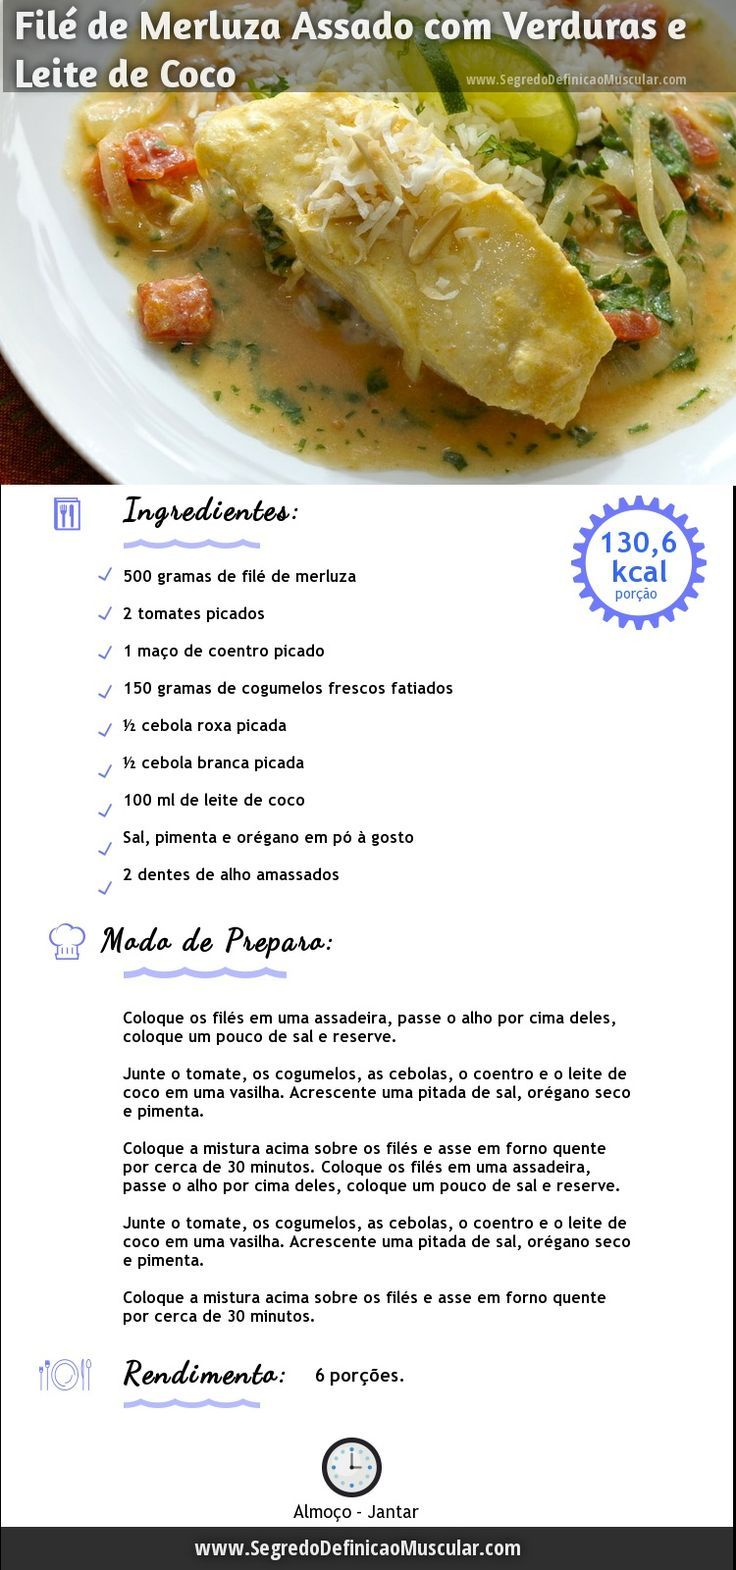 Filé de Merluza Assado Para Sua dieta ~> http://www.segredodefinicaomuscular.com/file-de-merluza-assado-para-sua-reeducacao-alimentar #Saudavel